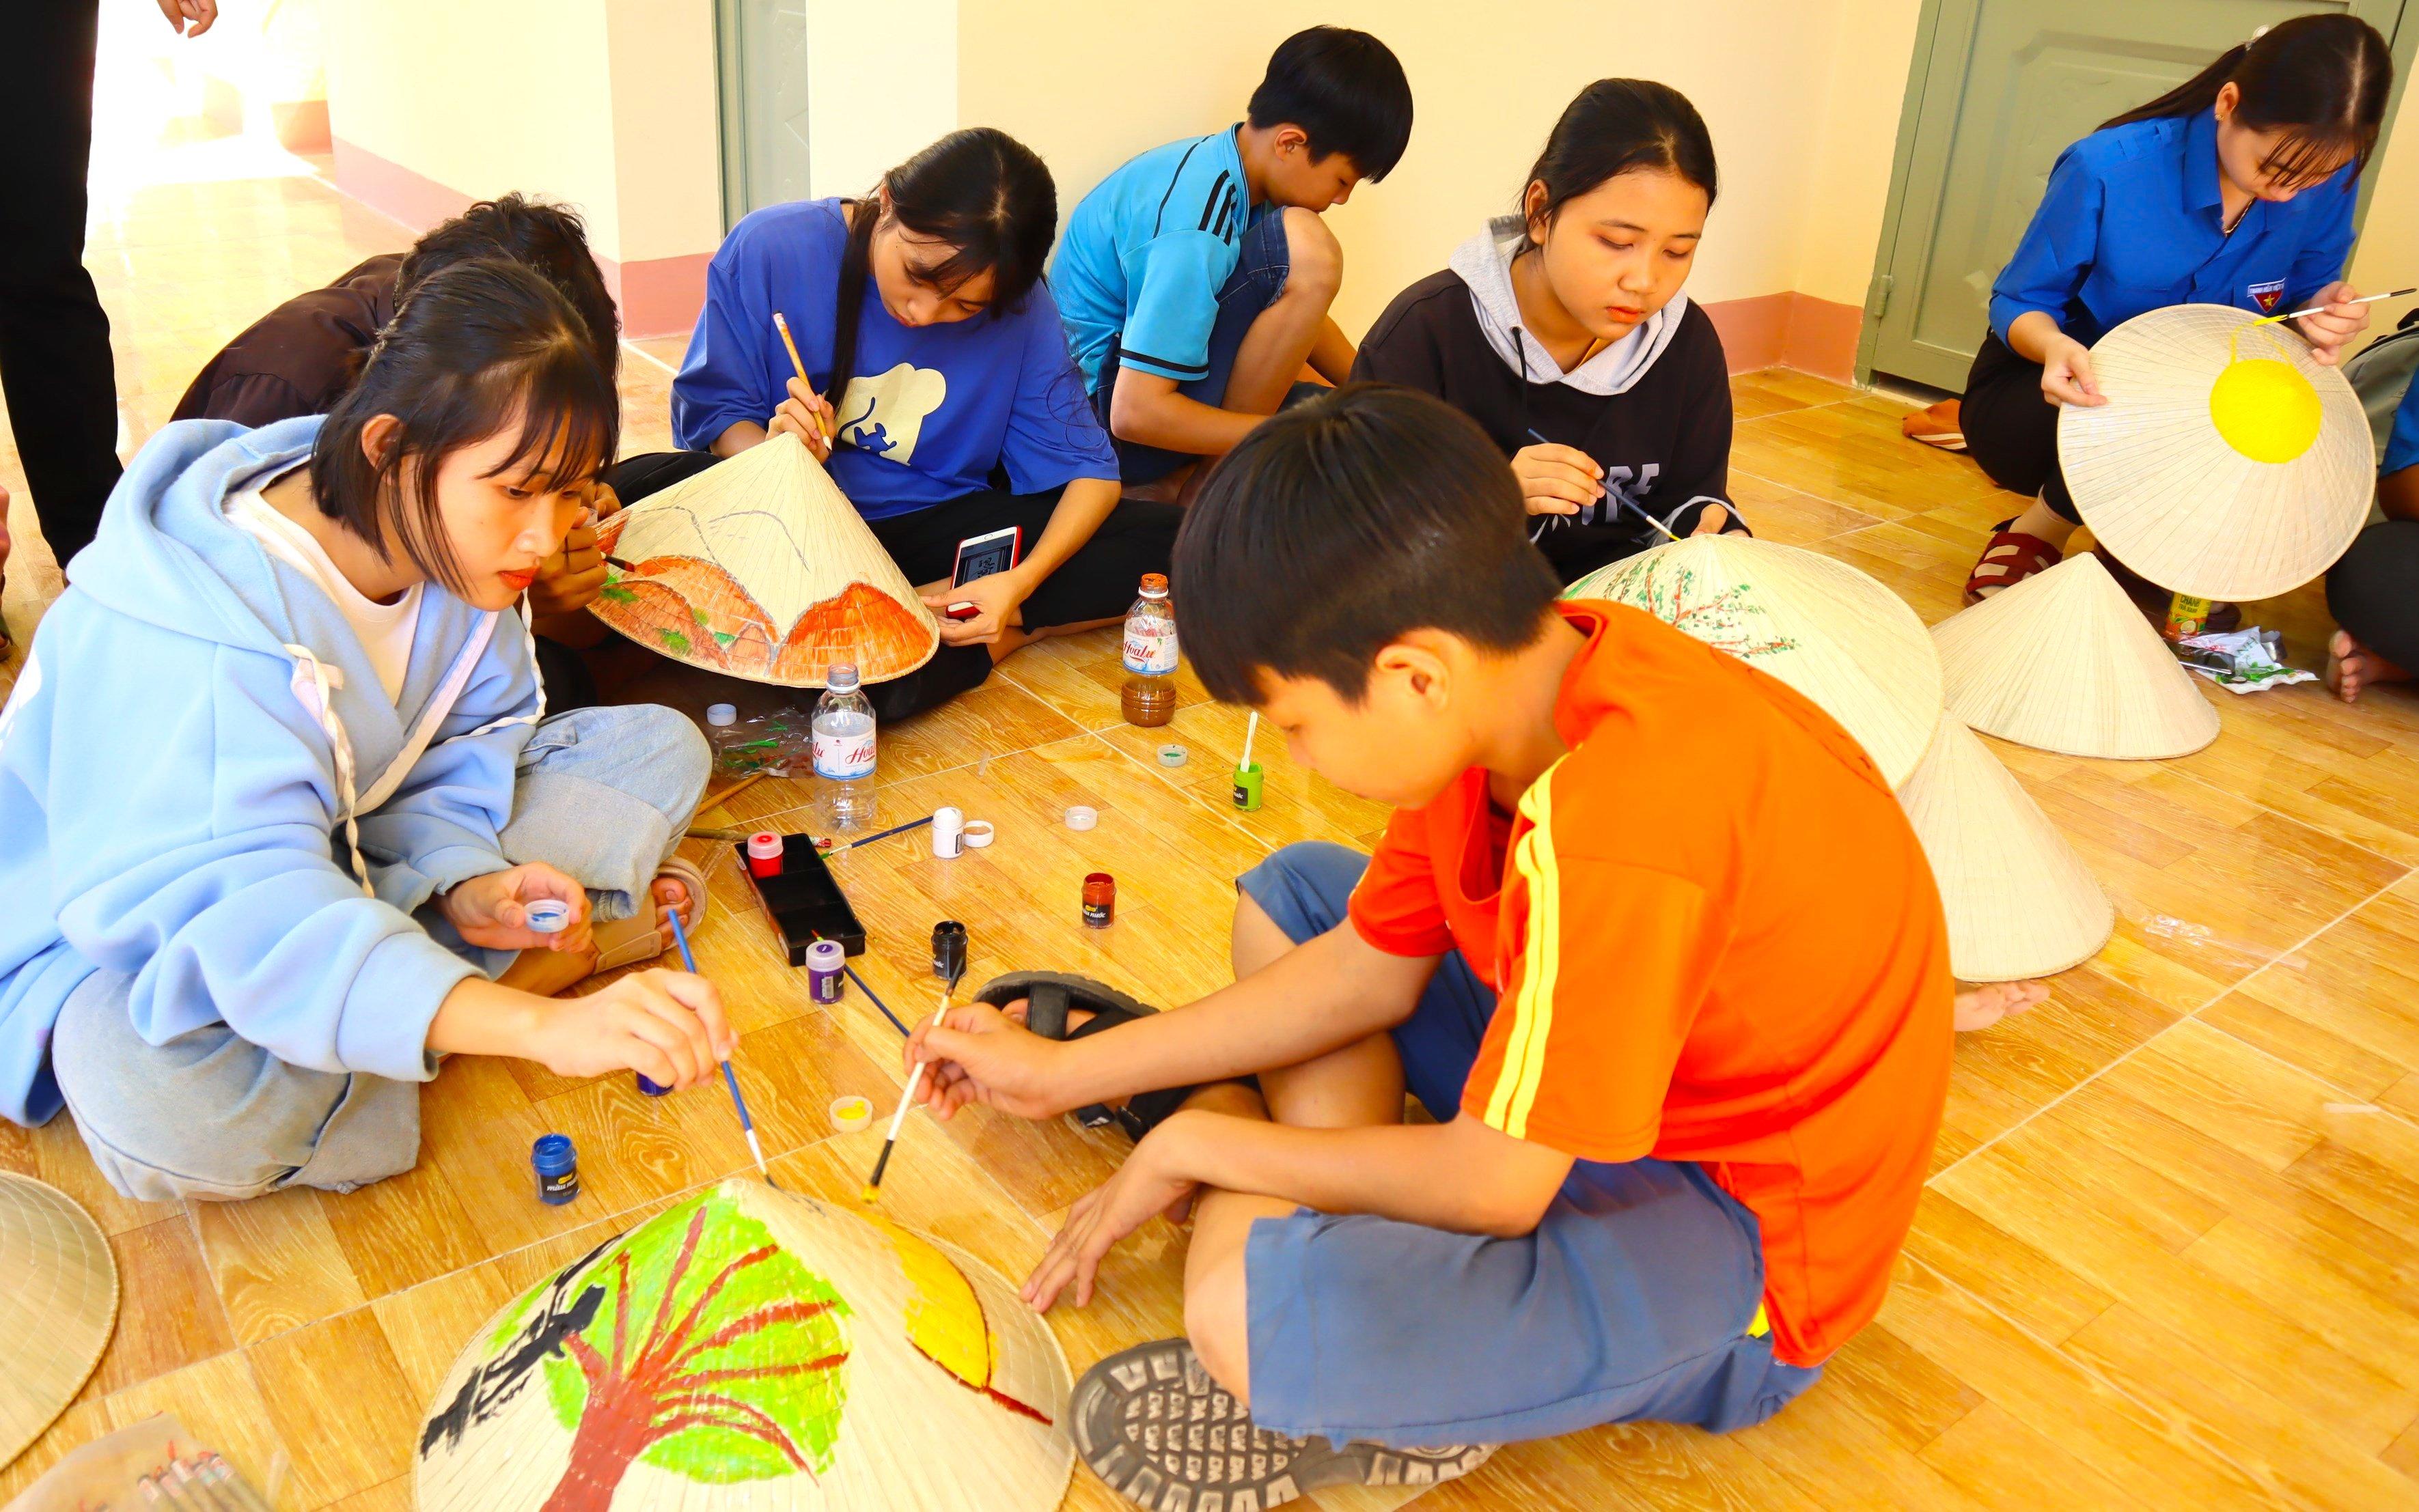 """Sân chơi """"Thiếu nhi với Tết Việt"""", hoạt động vẽ tranh về môi trường trên nón lá và Thư viện lưu động thu hút đối với đoàn viên, thanh thiếu nhi huyện vùng biên"""